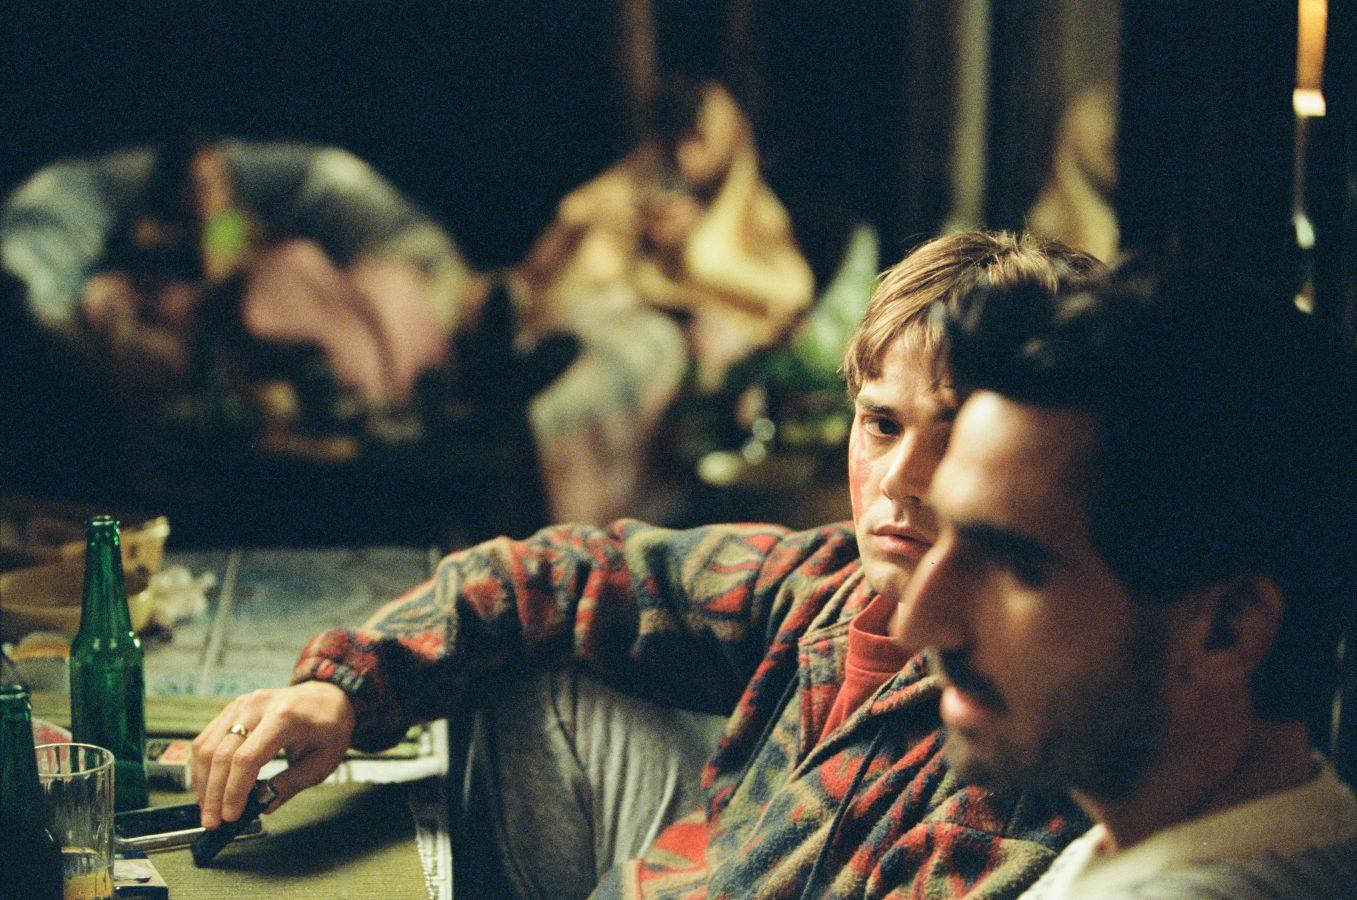 Matthias (Gabriel D'Almeida Freitas) und Maxime (Xavier Dolan) sitzen während einer Party nebeneinander. Maxime sieht Matthias von der Seite an.